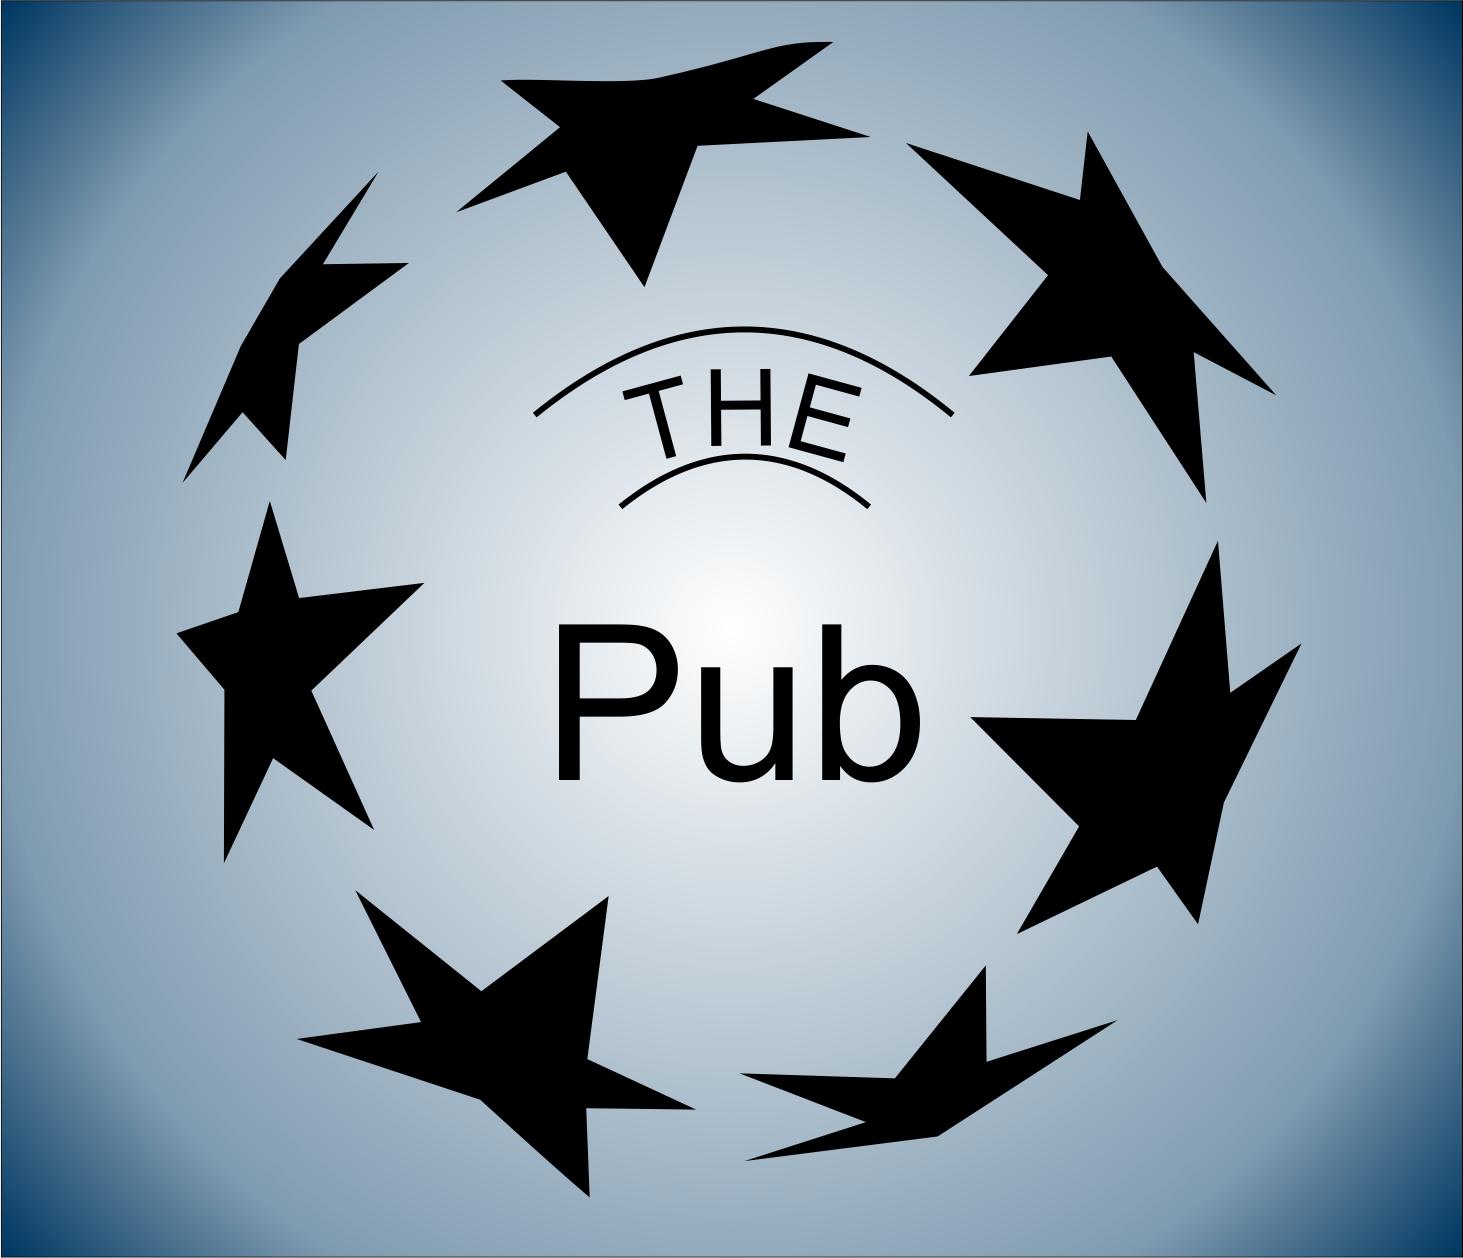 """Разработка логотипа торговой марки """"THEPUB"""" фото f_83251ee473b08989.jpg"""